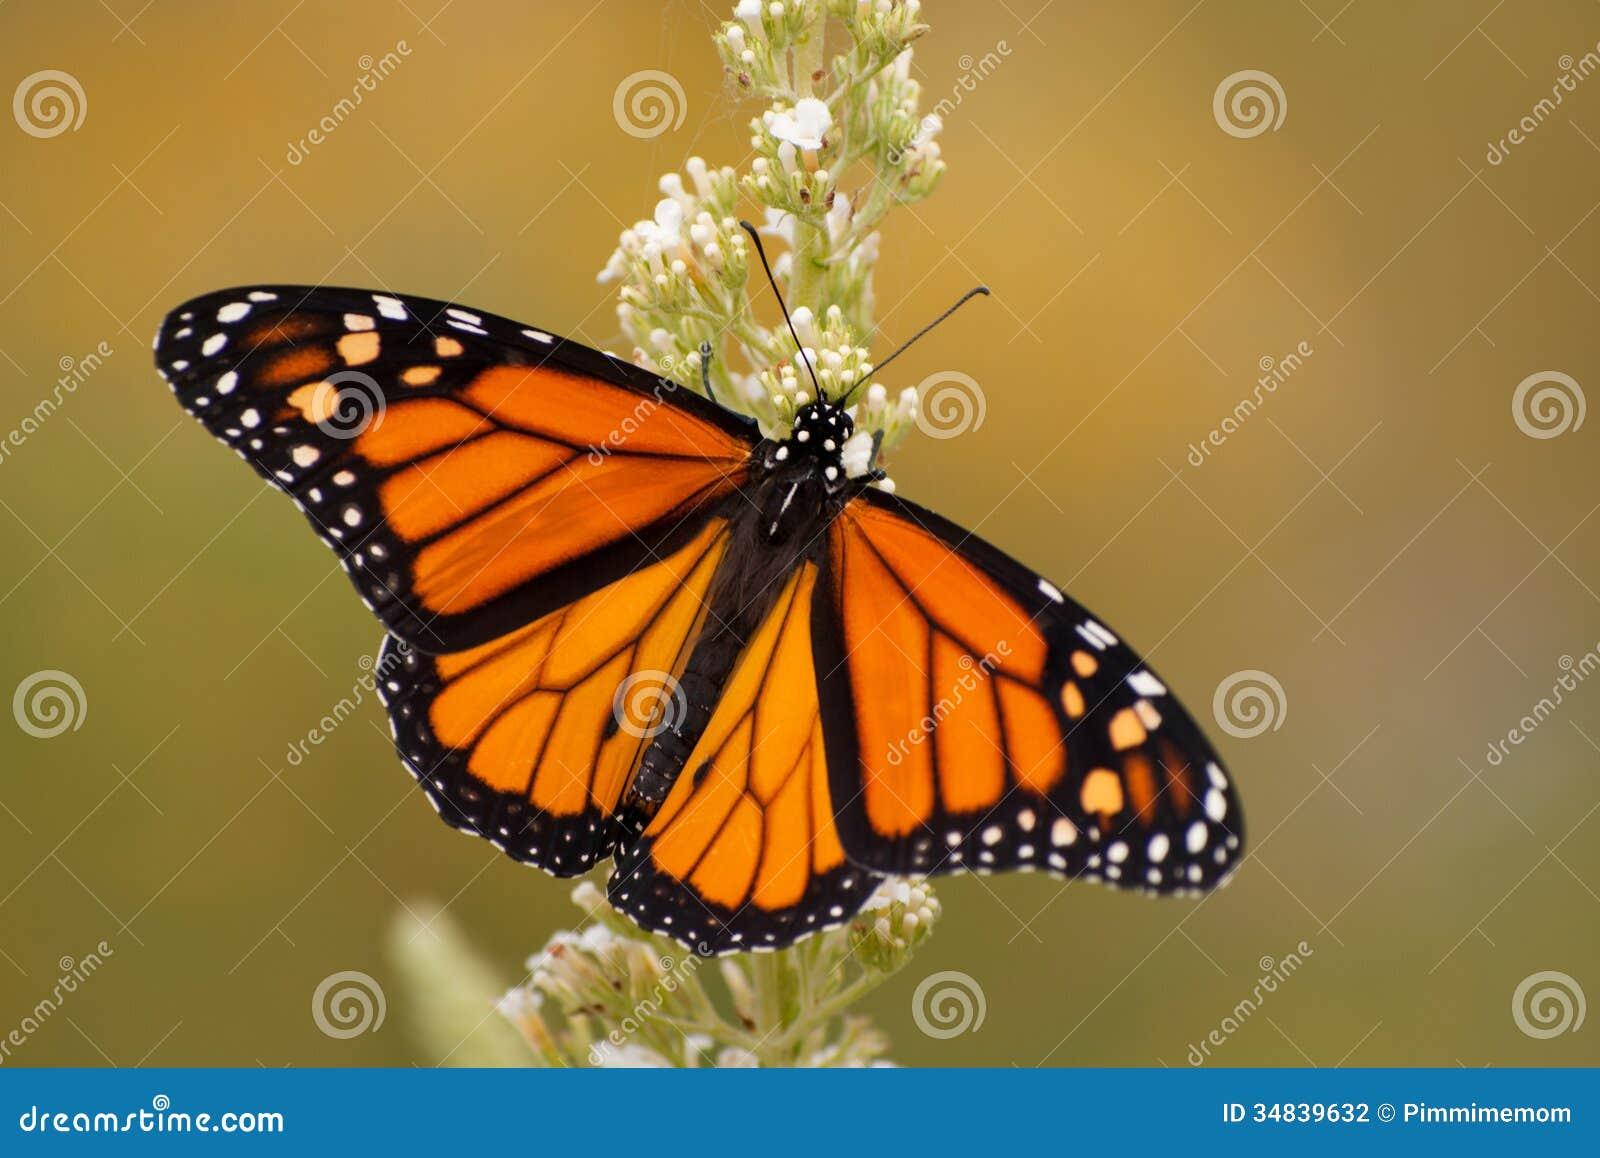 Male Monarch butterfly in summer garden